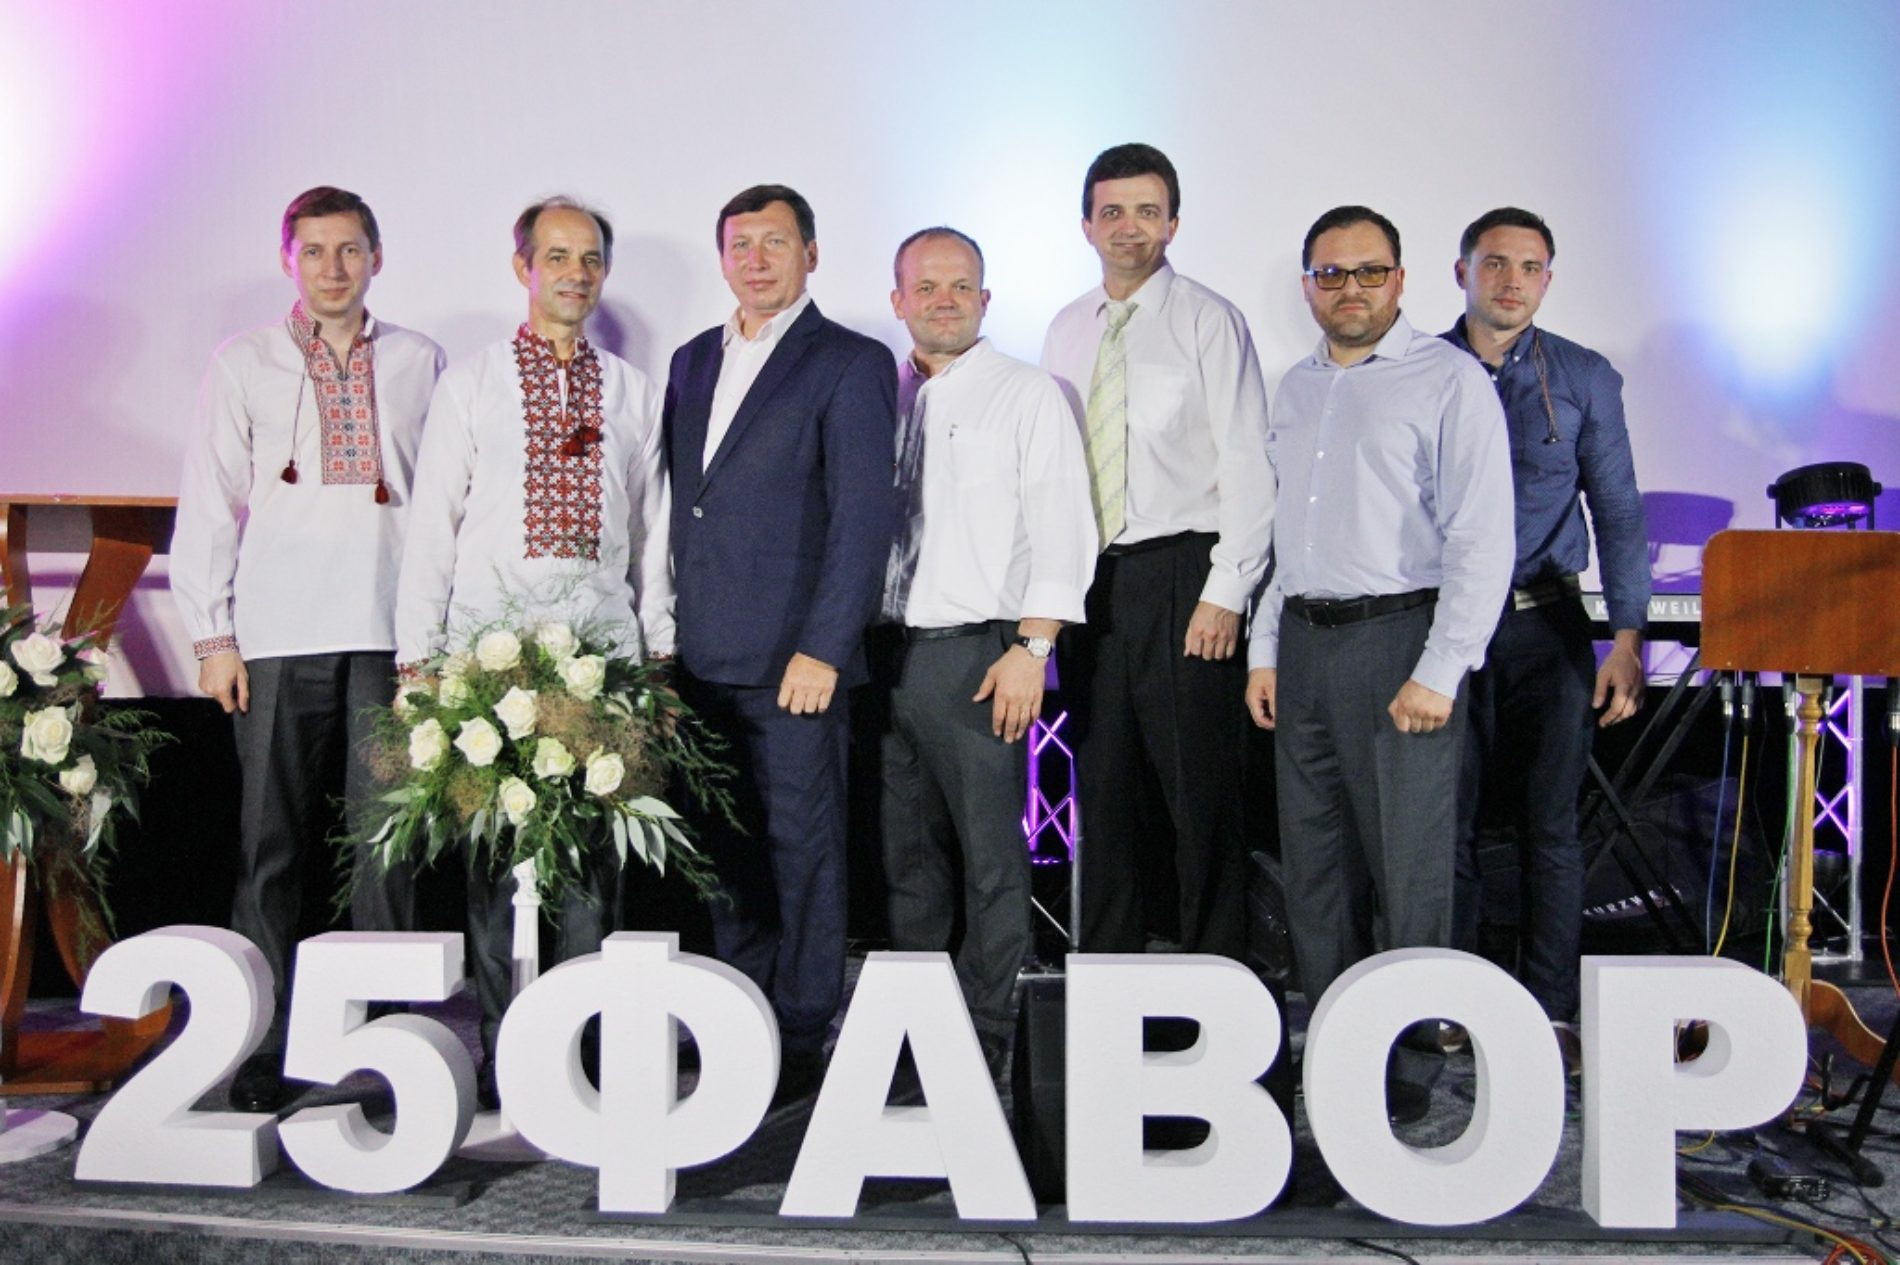 Чверть століття благословінь – київська церква «Фавор» відсвяткувала 25-річчя